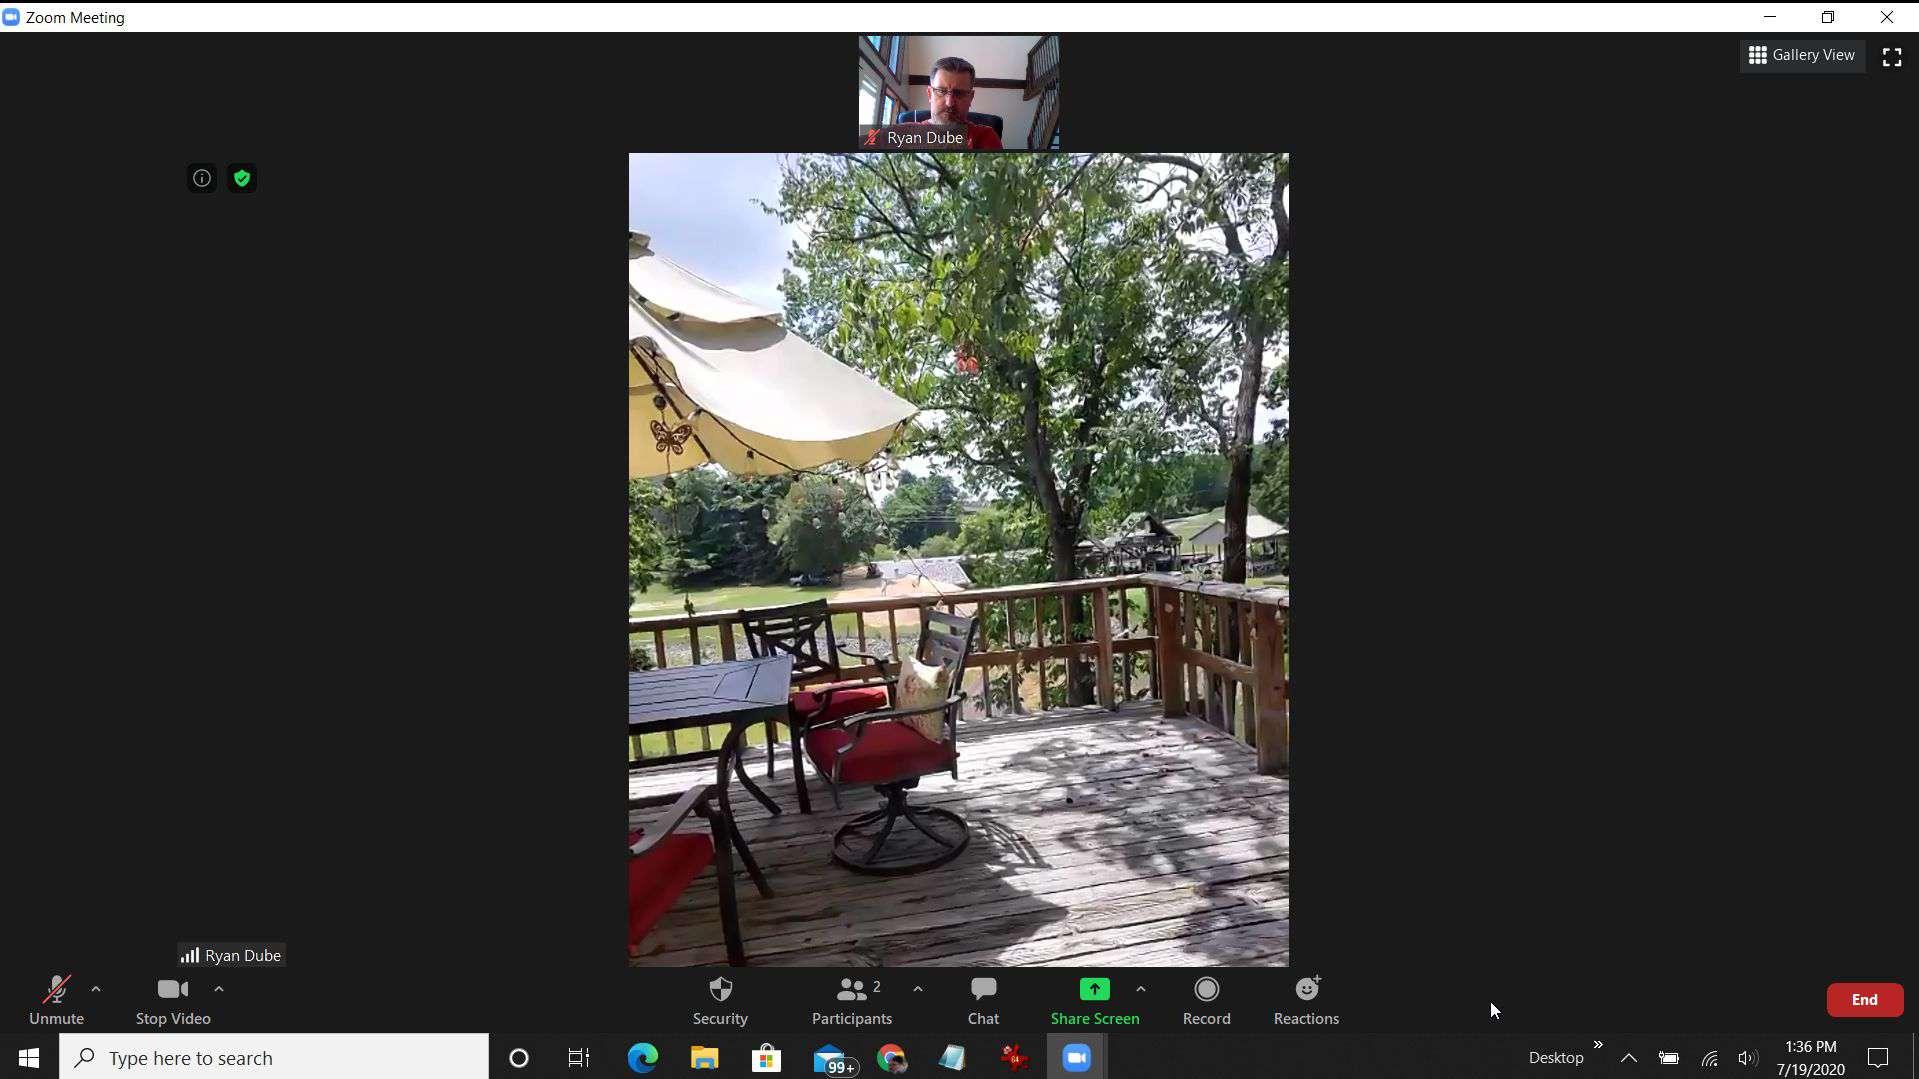 Screenshot of launching a Zoom meeting